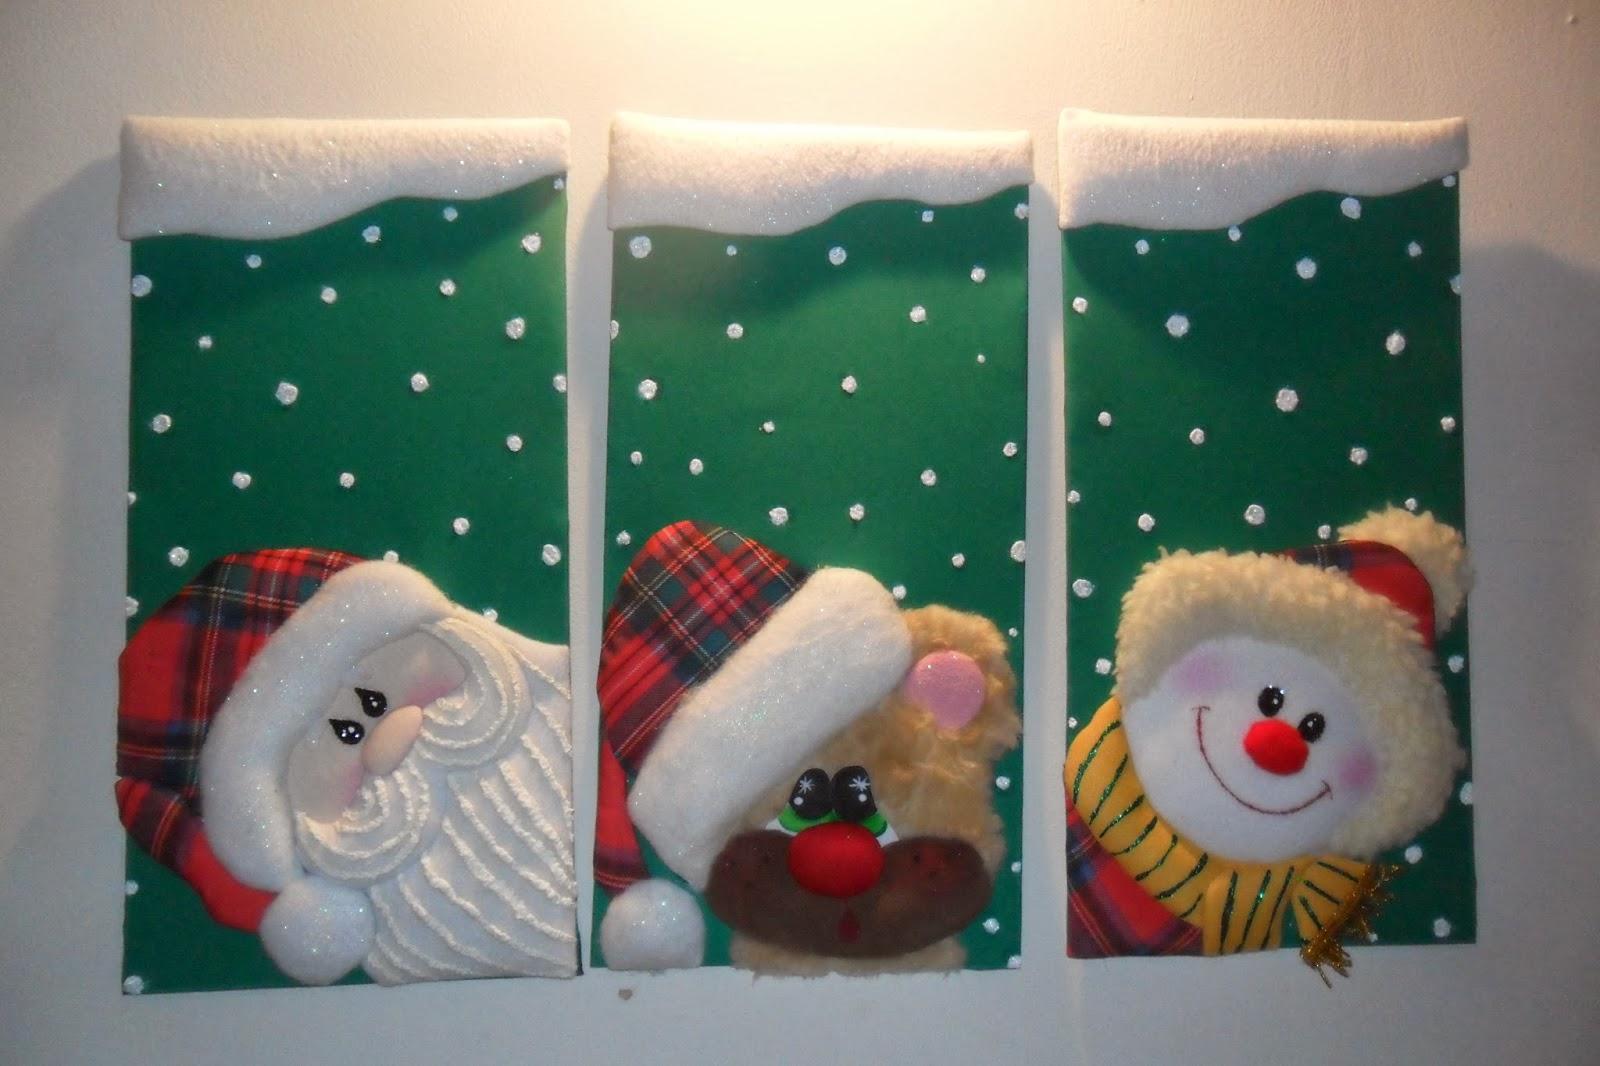 Mardedi cuadros para decorar tu navidad - Fotos y cuadros ...